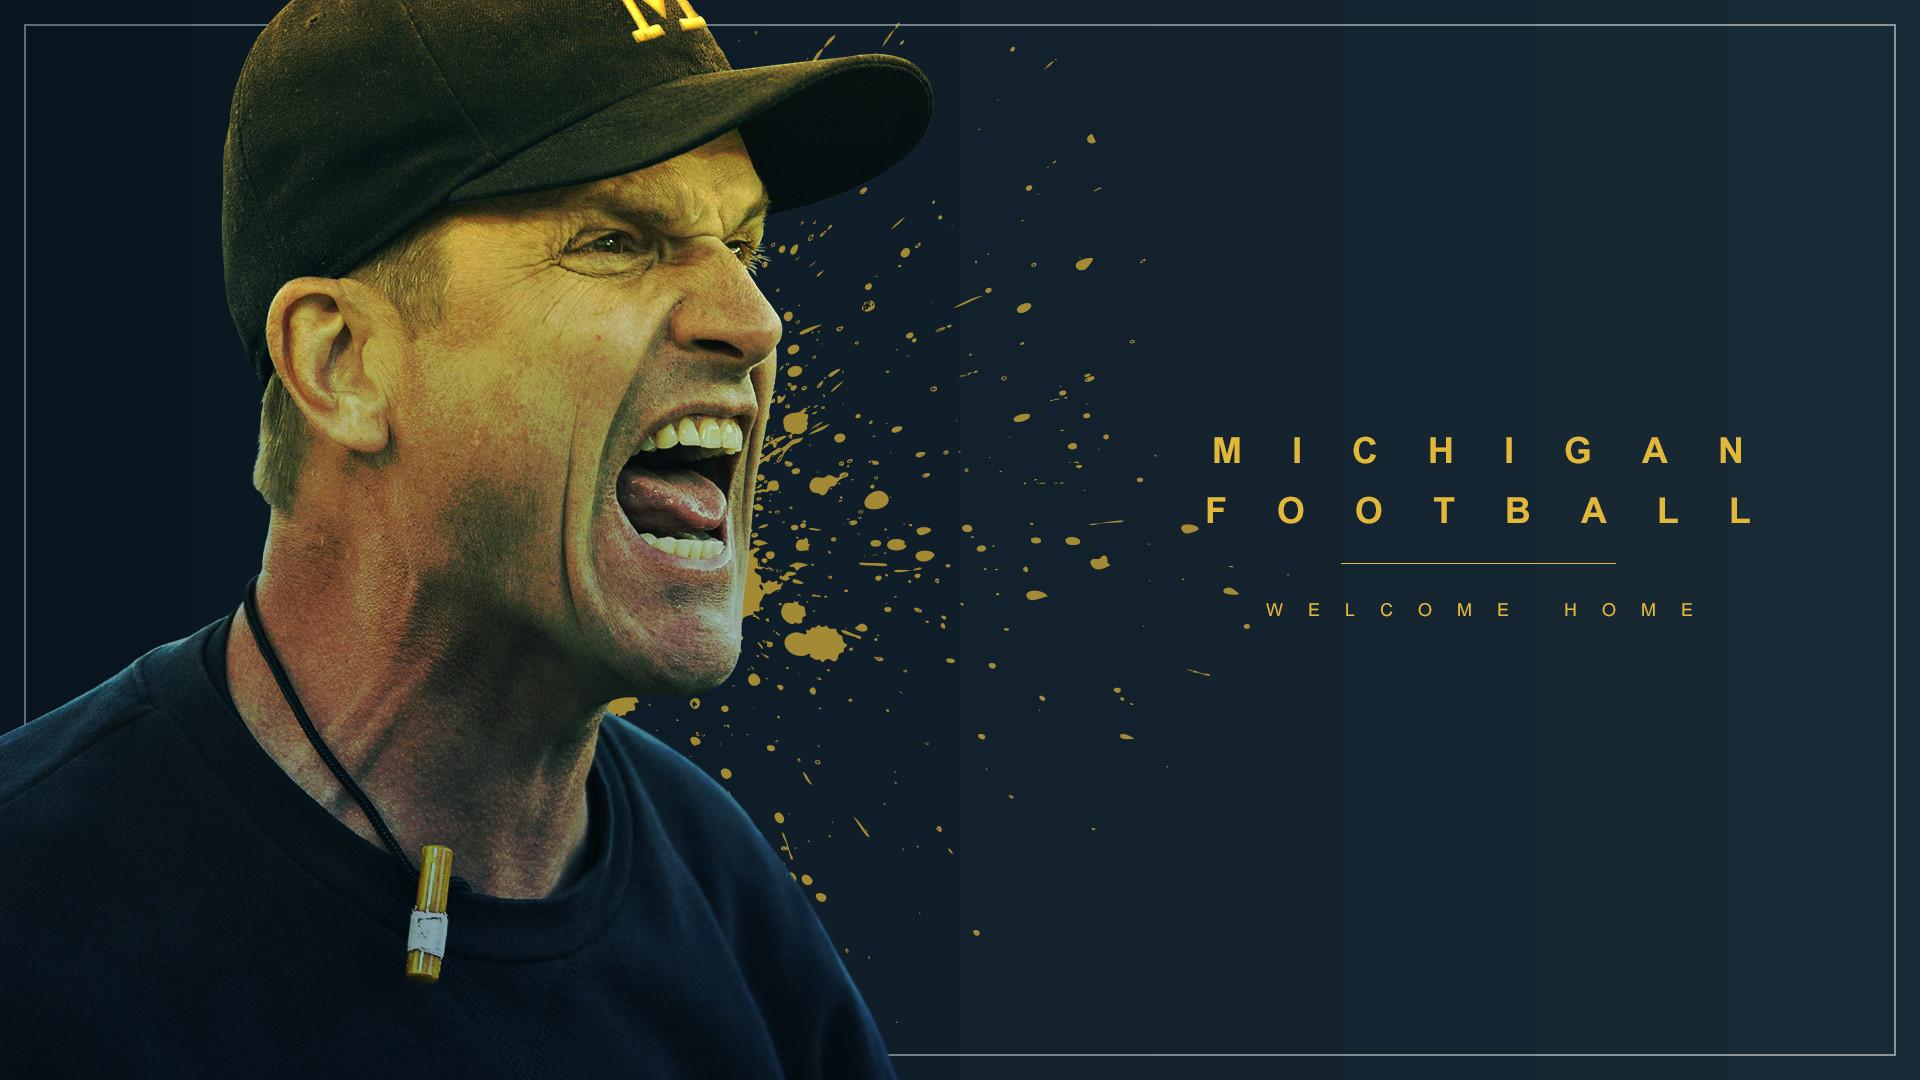 49 Michigan Football Desktop Wallpaper On Wallpapersafari: University Of Michigan Screensaver Wallpaper (55+ Images